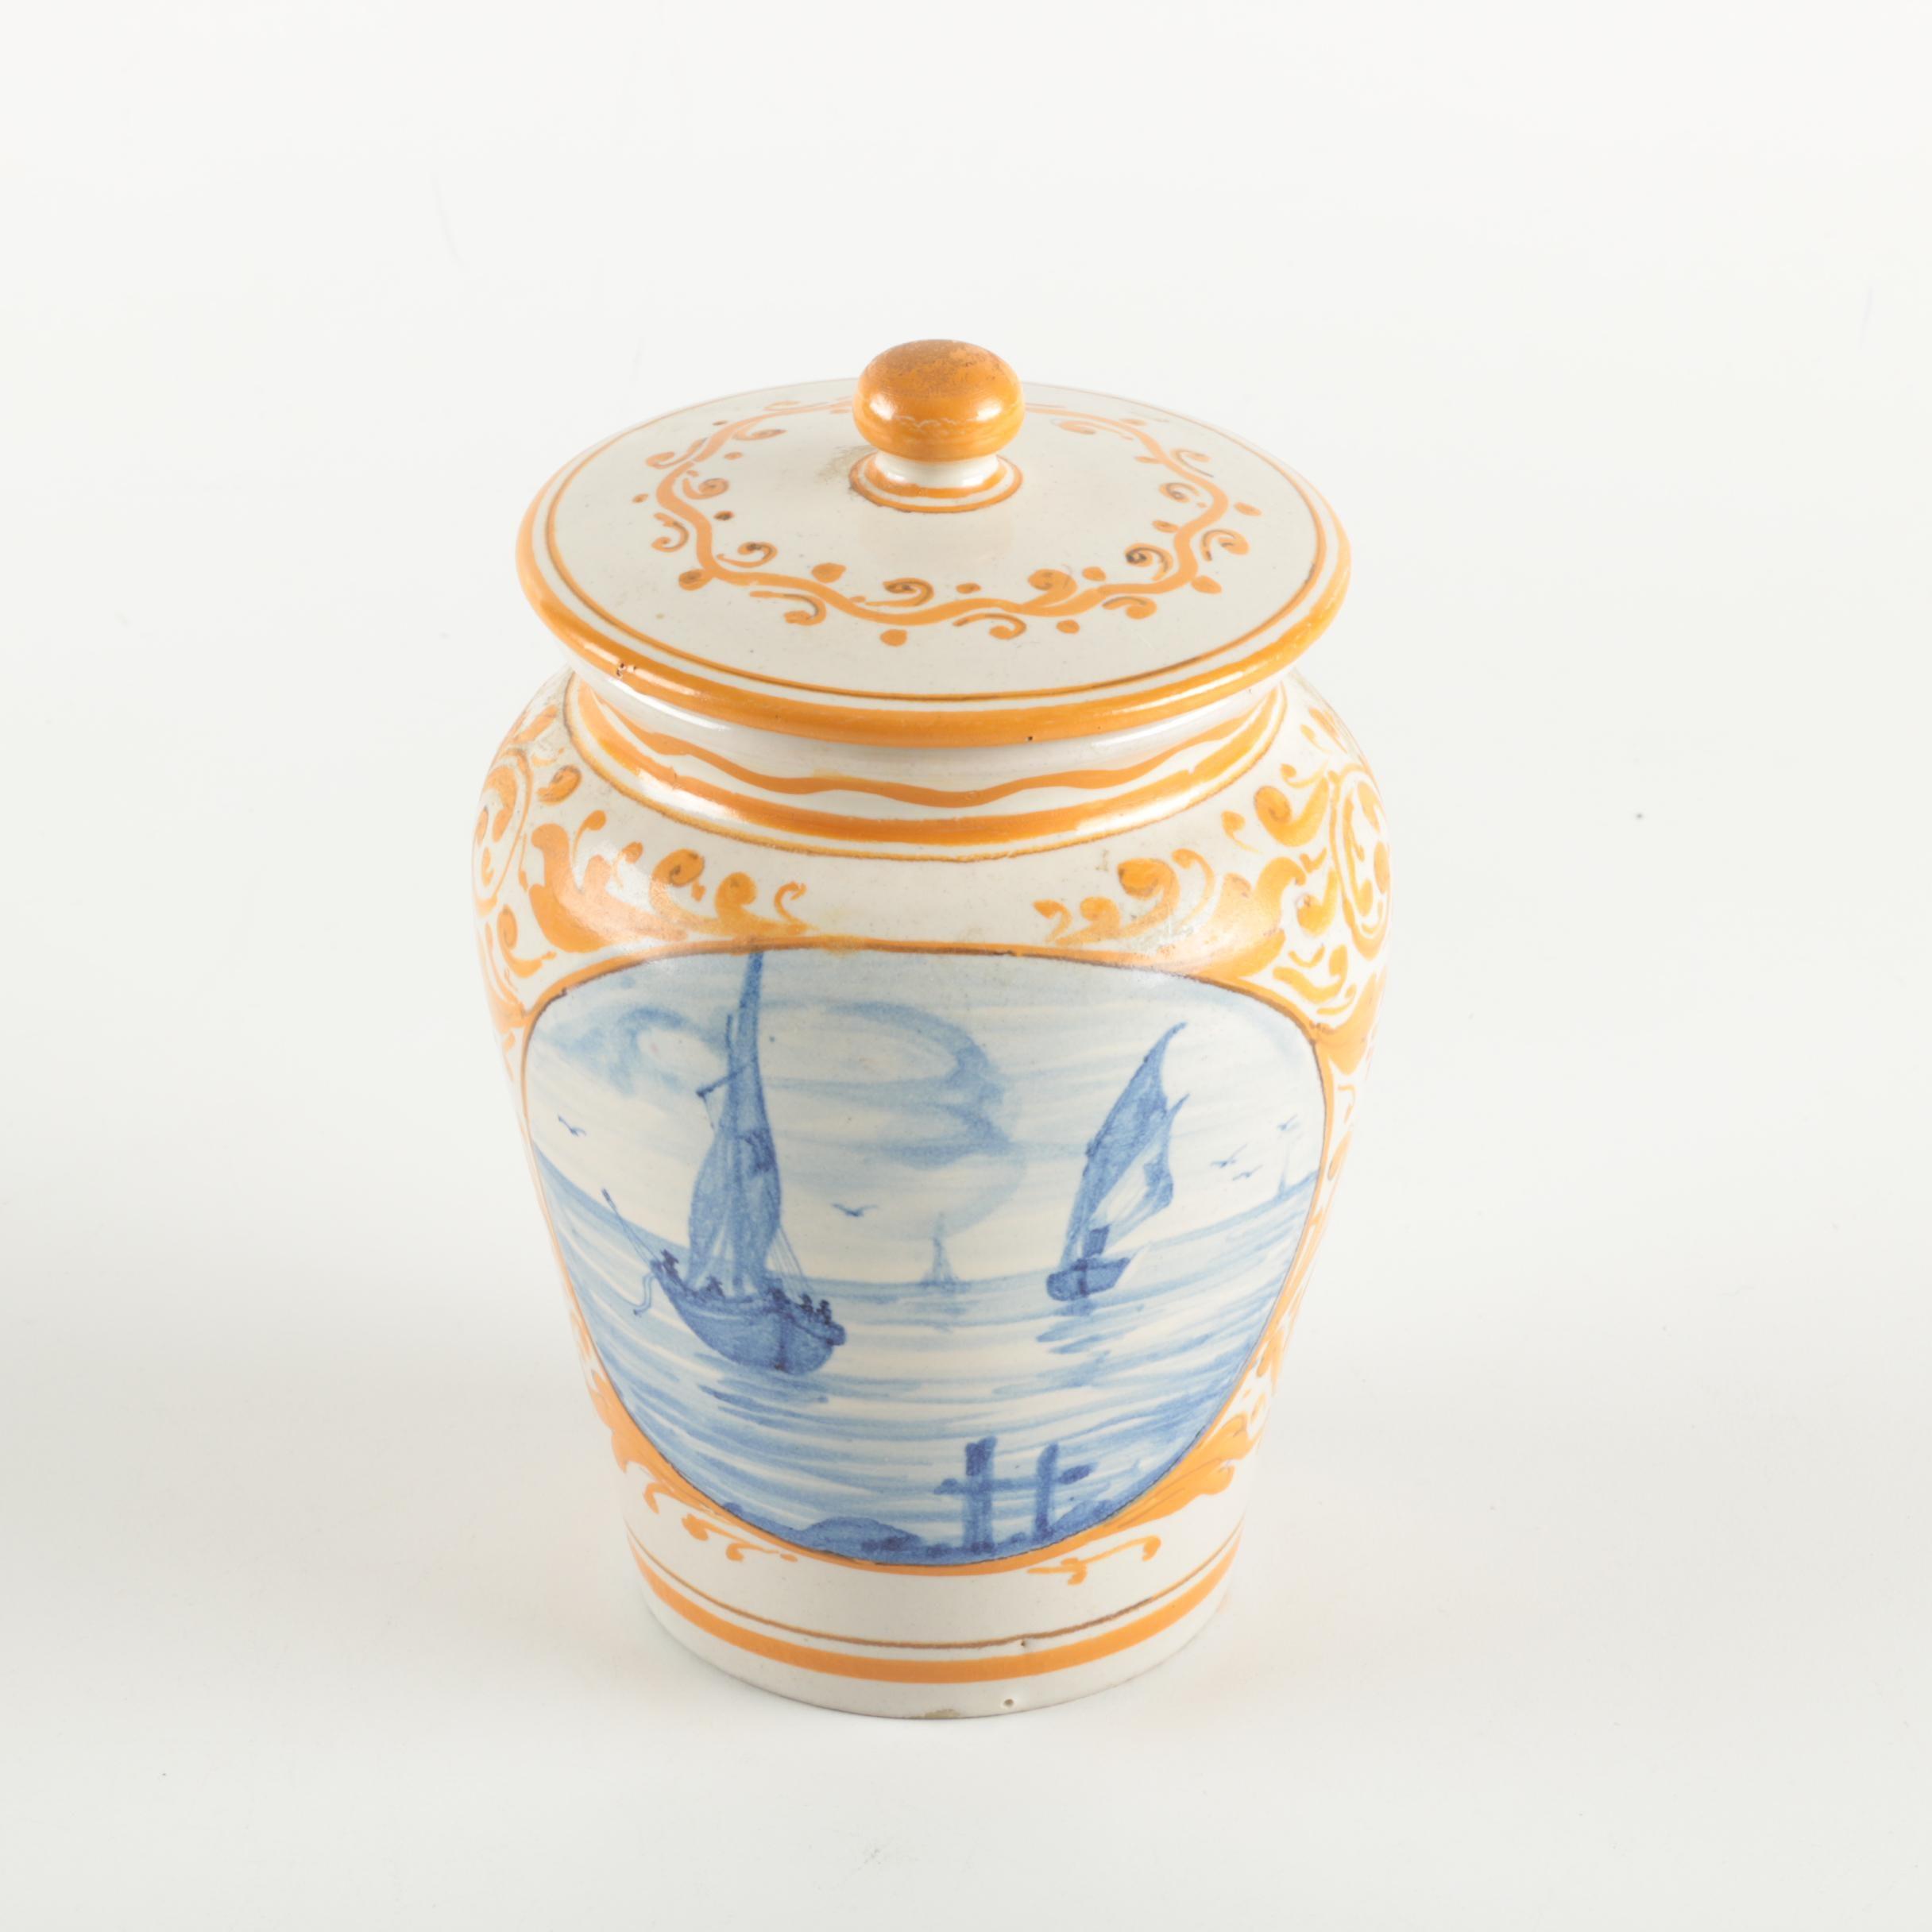 Geribi Deruta Italian Pottery Stoneware Jar